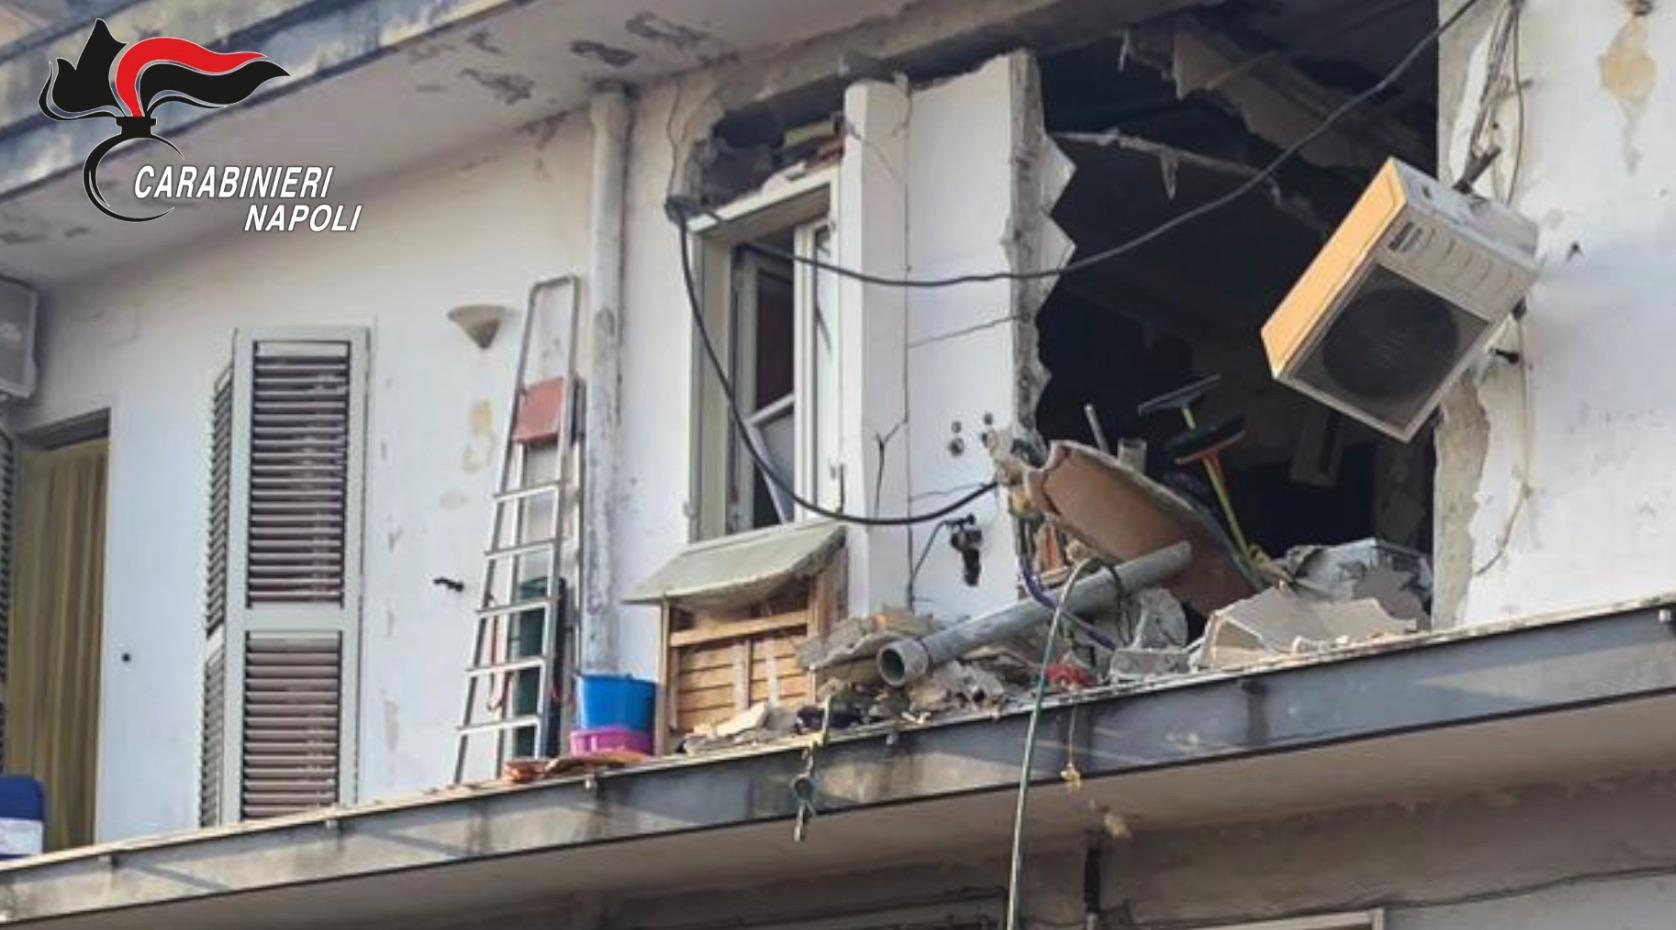 Video - Esplosione in una palazzina ad Arzano, arrestato 23enne bombarolo che «studiava» Hitler - Stylo24